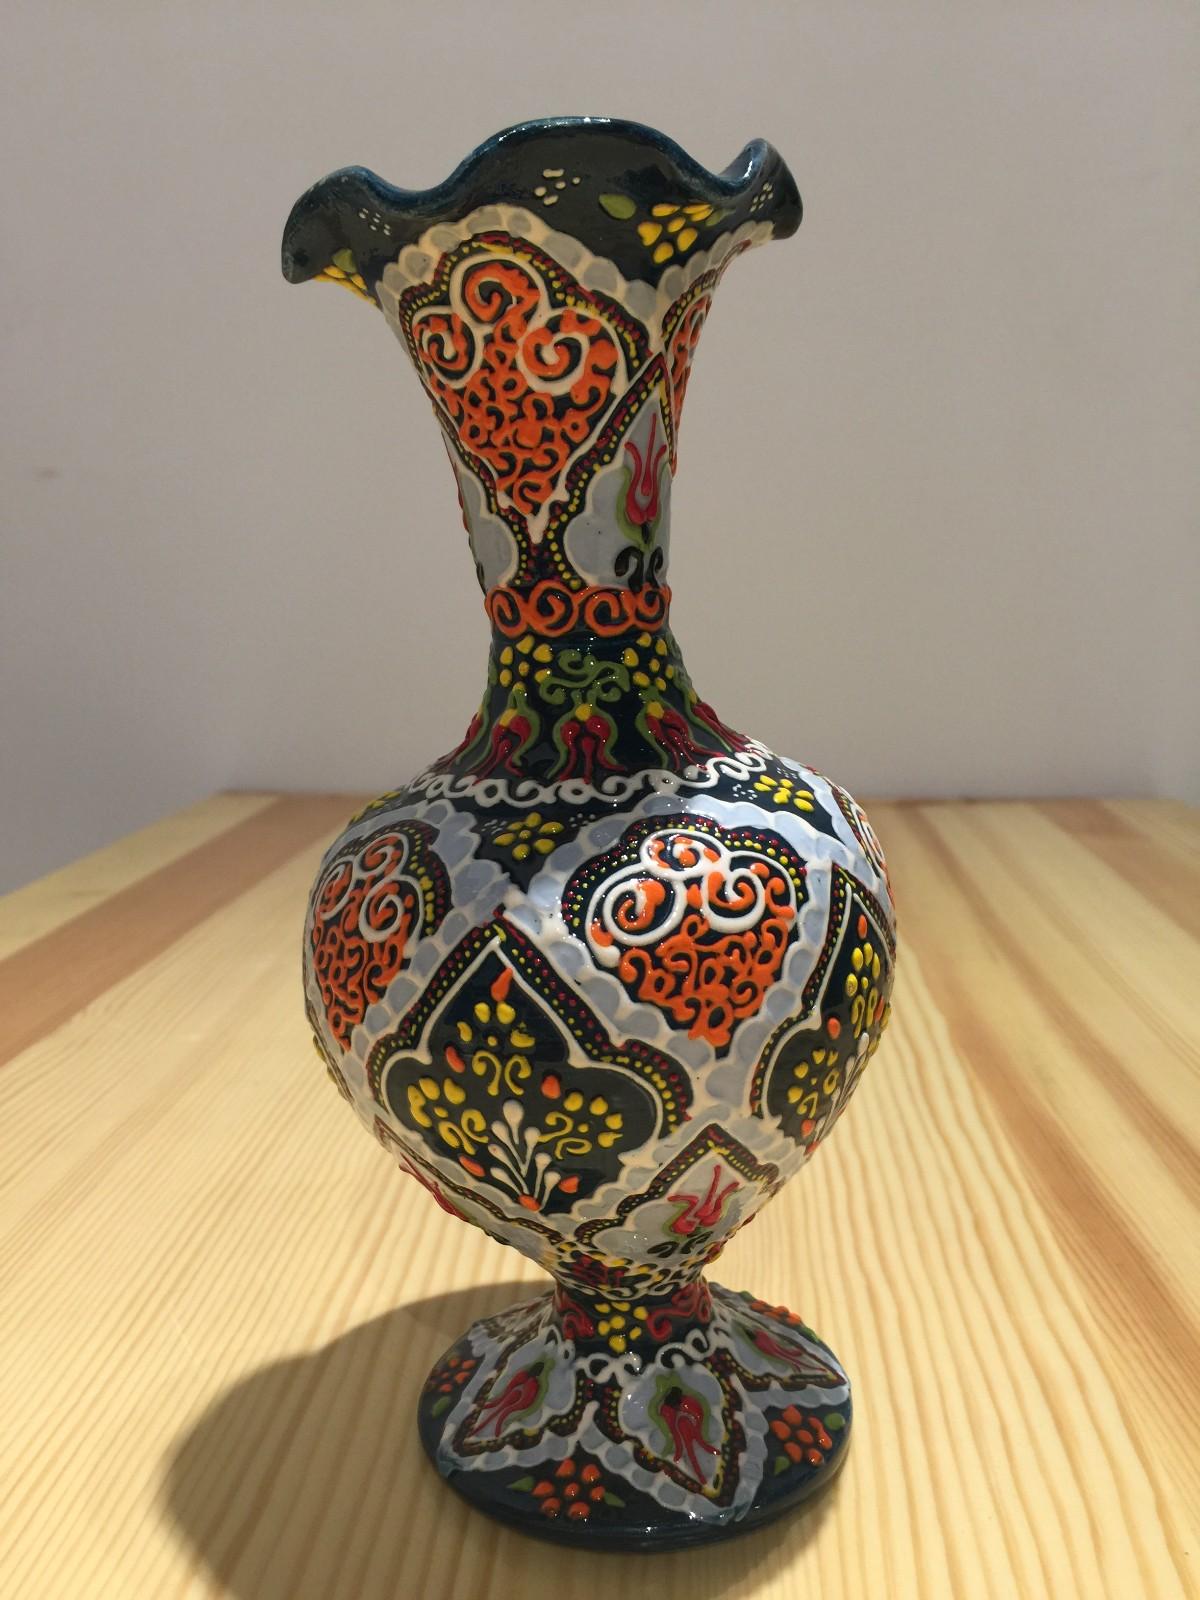 土耳其精品陶艺工艺品 家装摆件 花瓶图片八